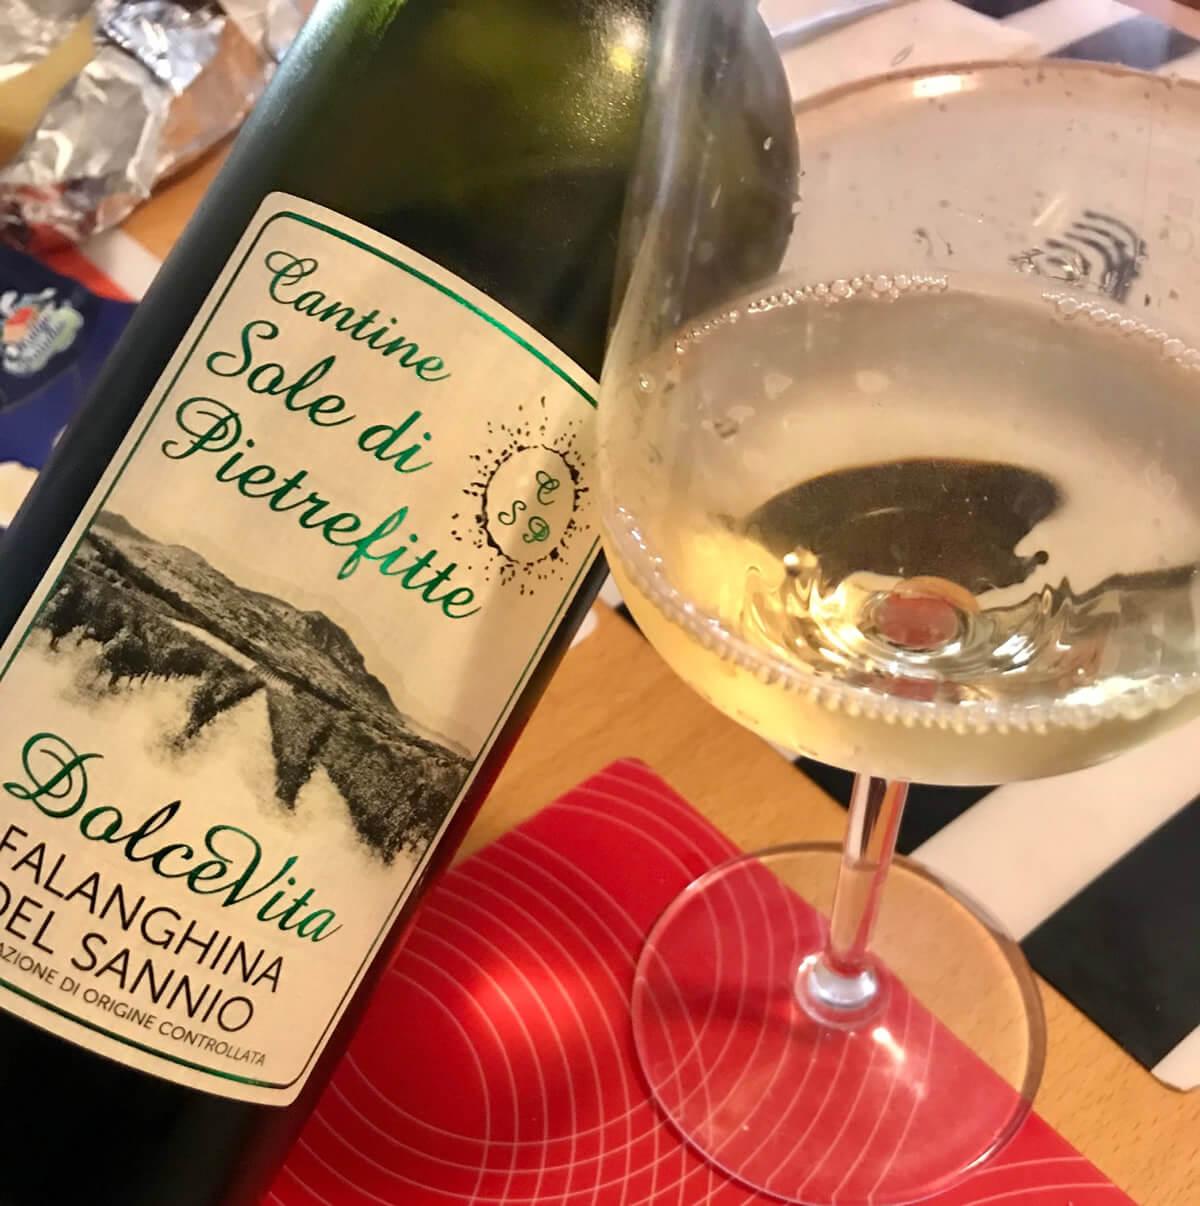 Cantine Sole di Pietrefitte, i vini del Sannio con il mare dentro